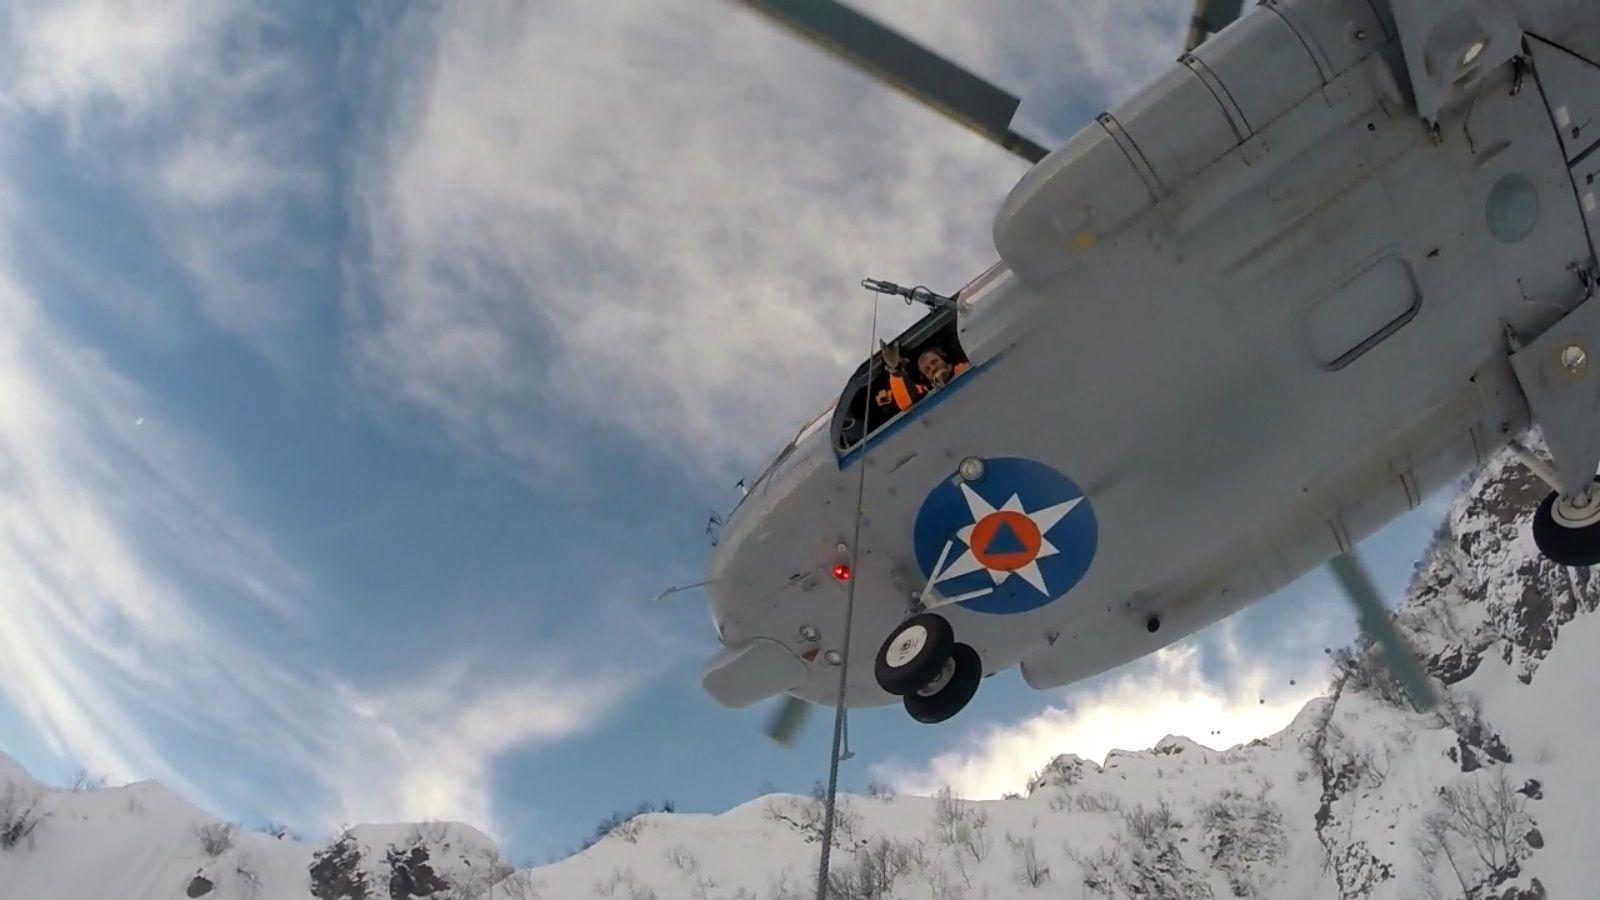 ВСочи cотрудники экстренных служб МЧС эвакуировали навертолете 2-х москвичей-сноубордистов